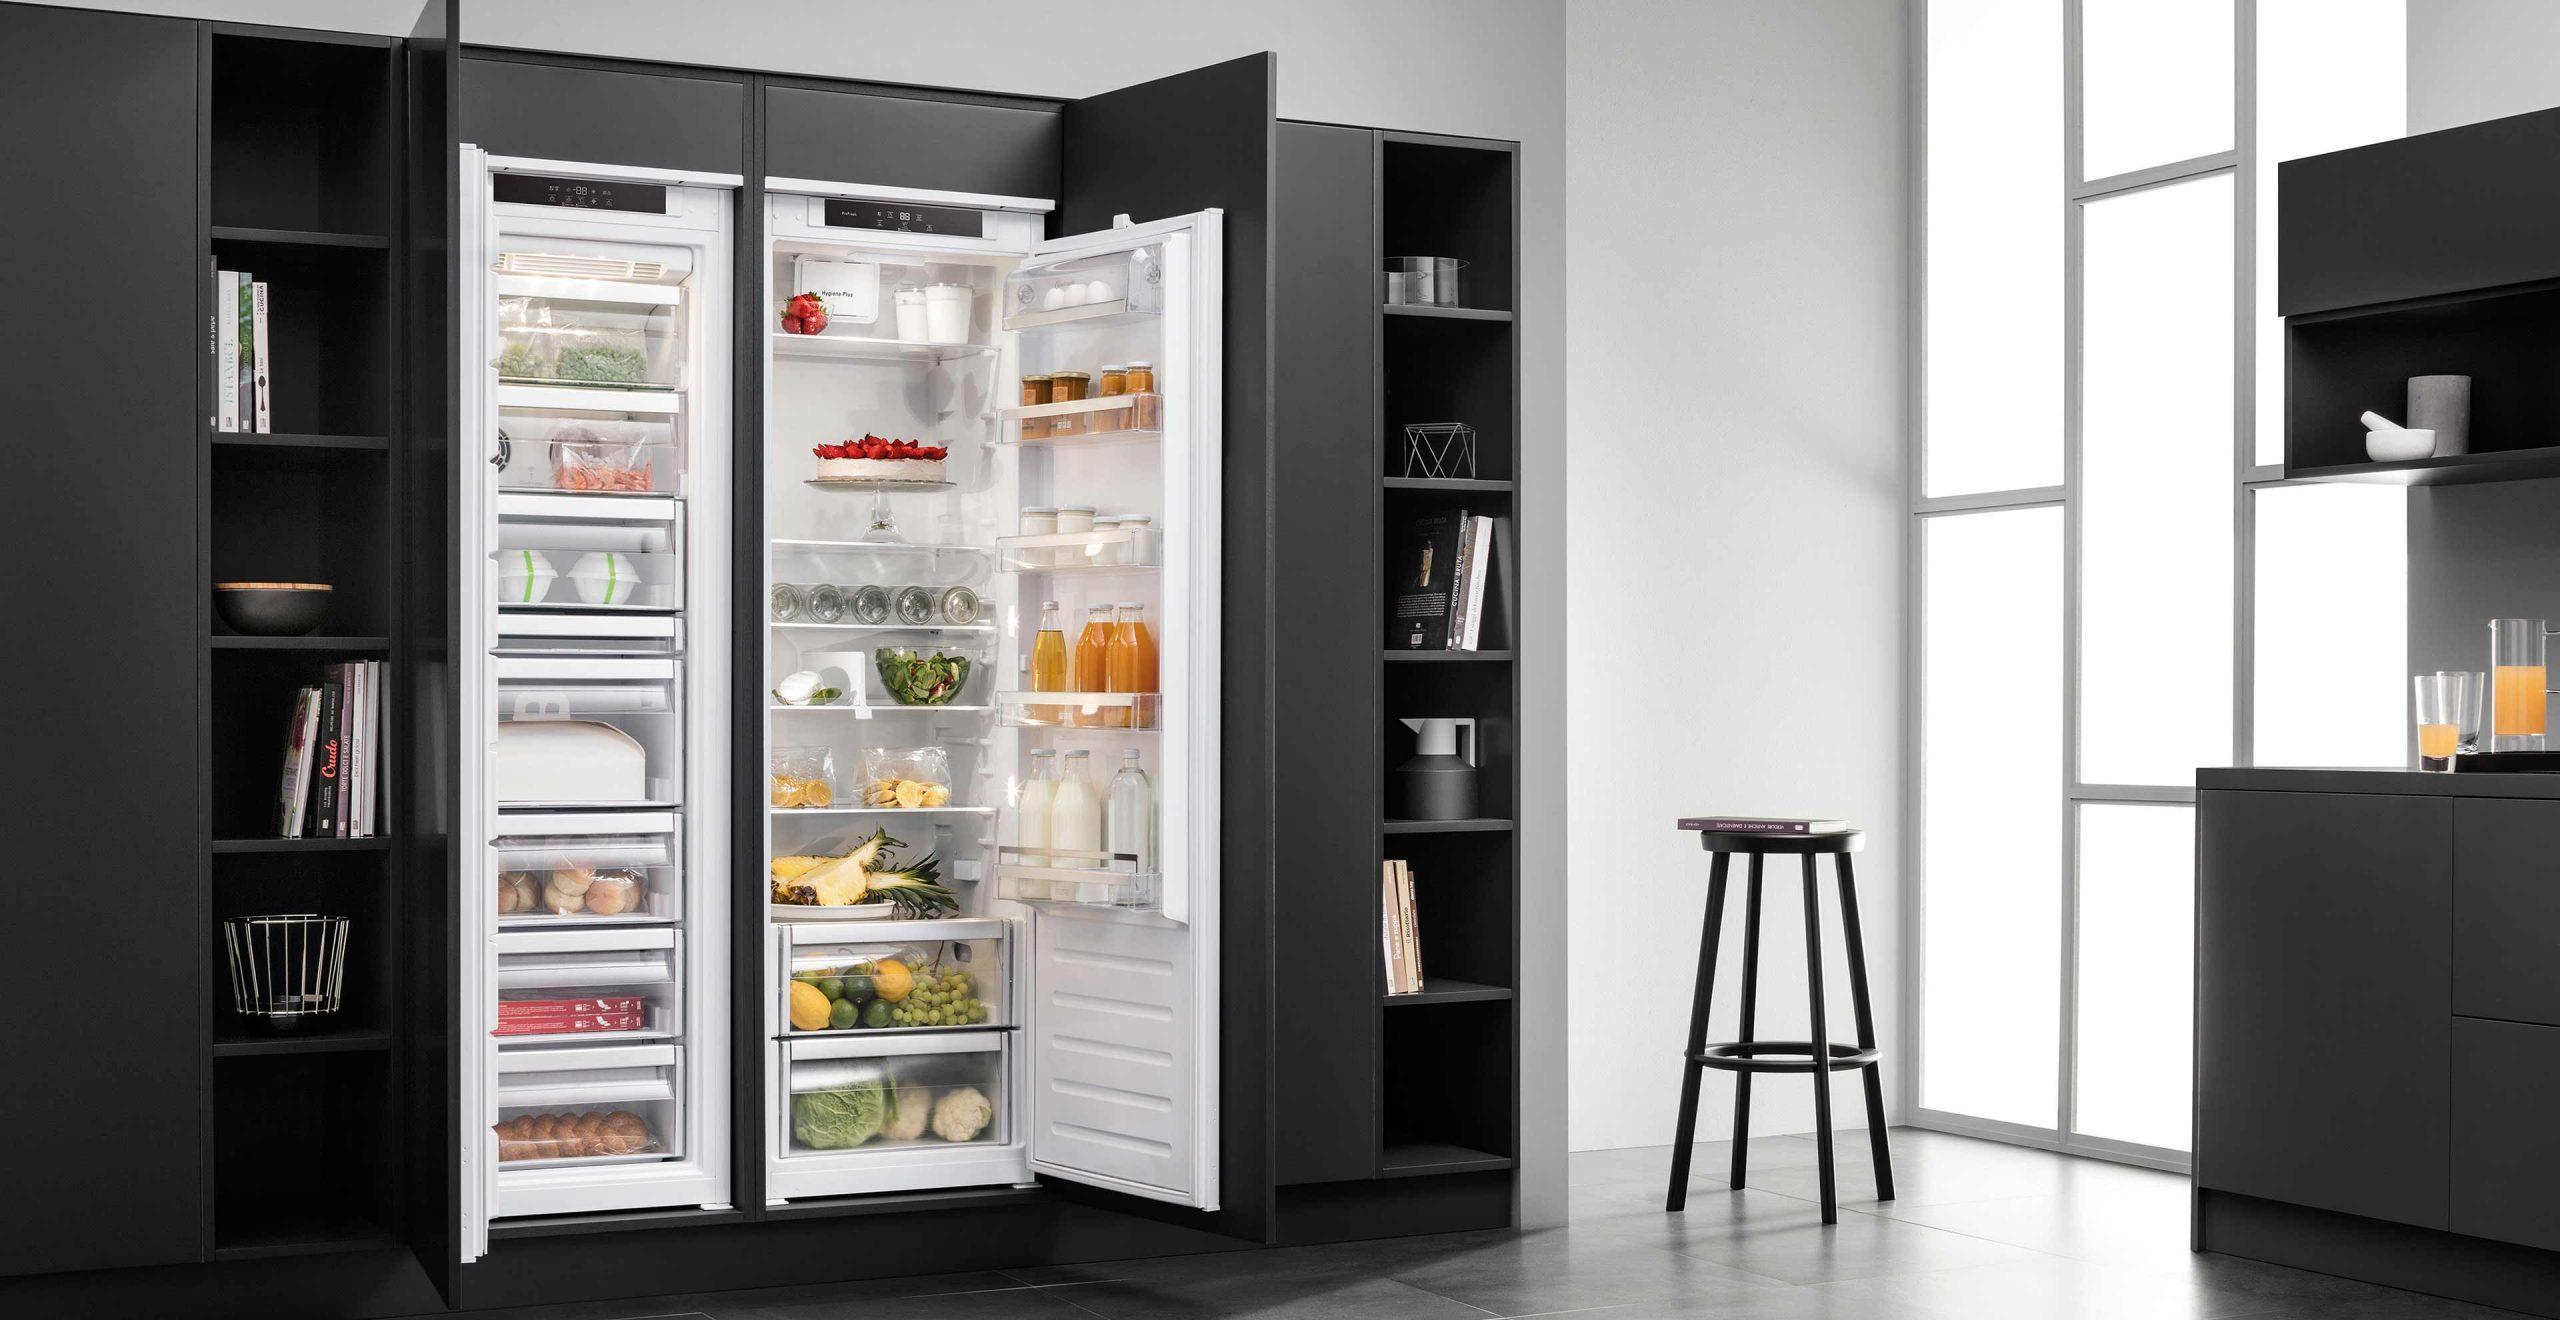 Full Size of Einbauküche Ohne Kühlschrank Willhaben Komplettküche Komplettküche Mit Geräten Günstig Komplettküche Billig Küche Einbauküche Ohne Kühlschrank